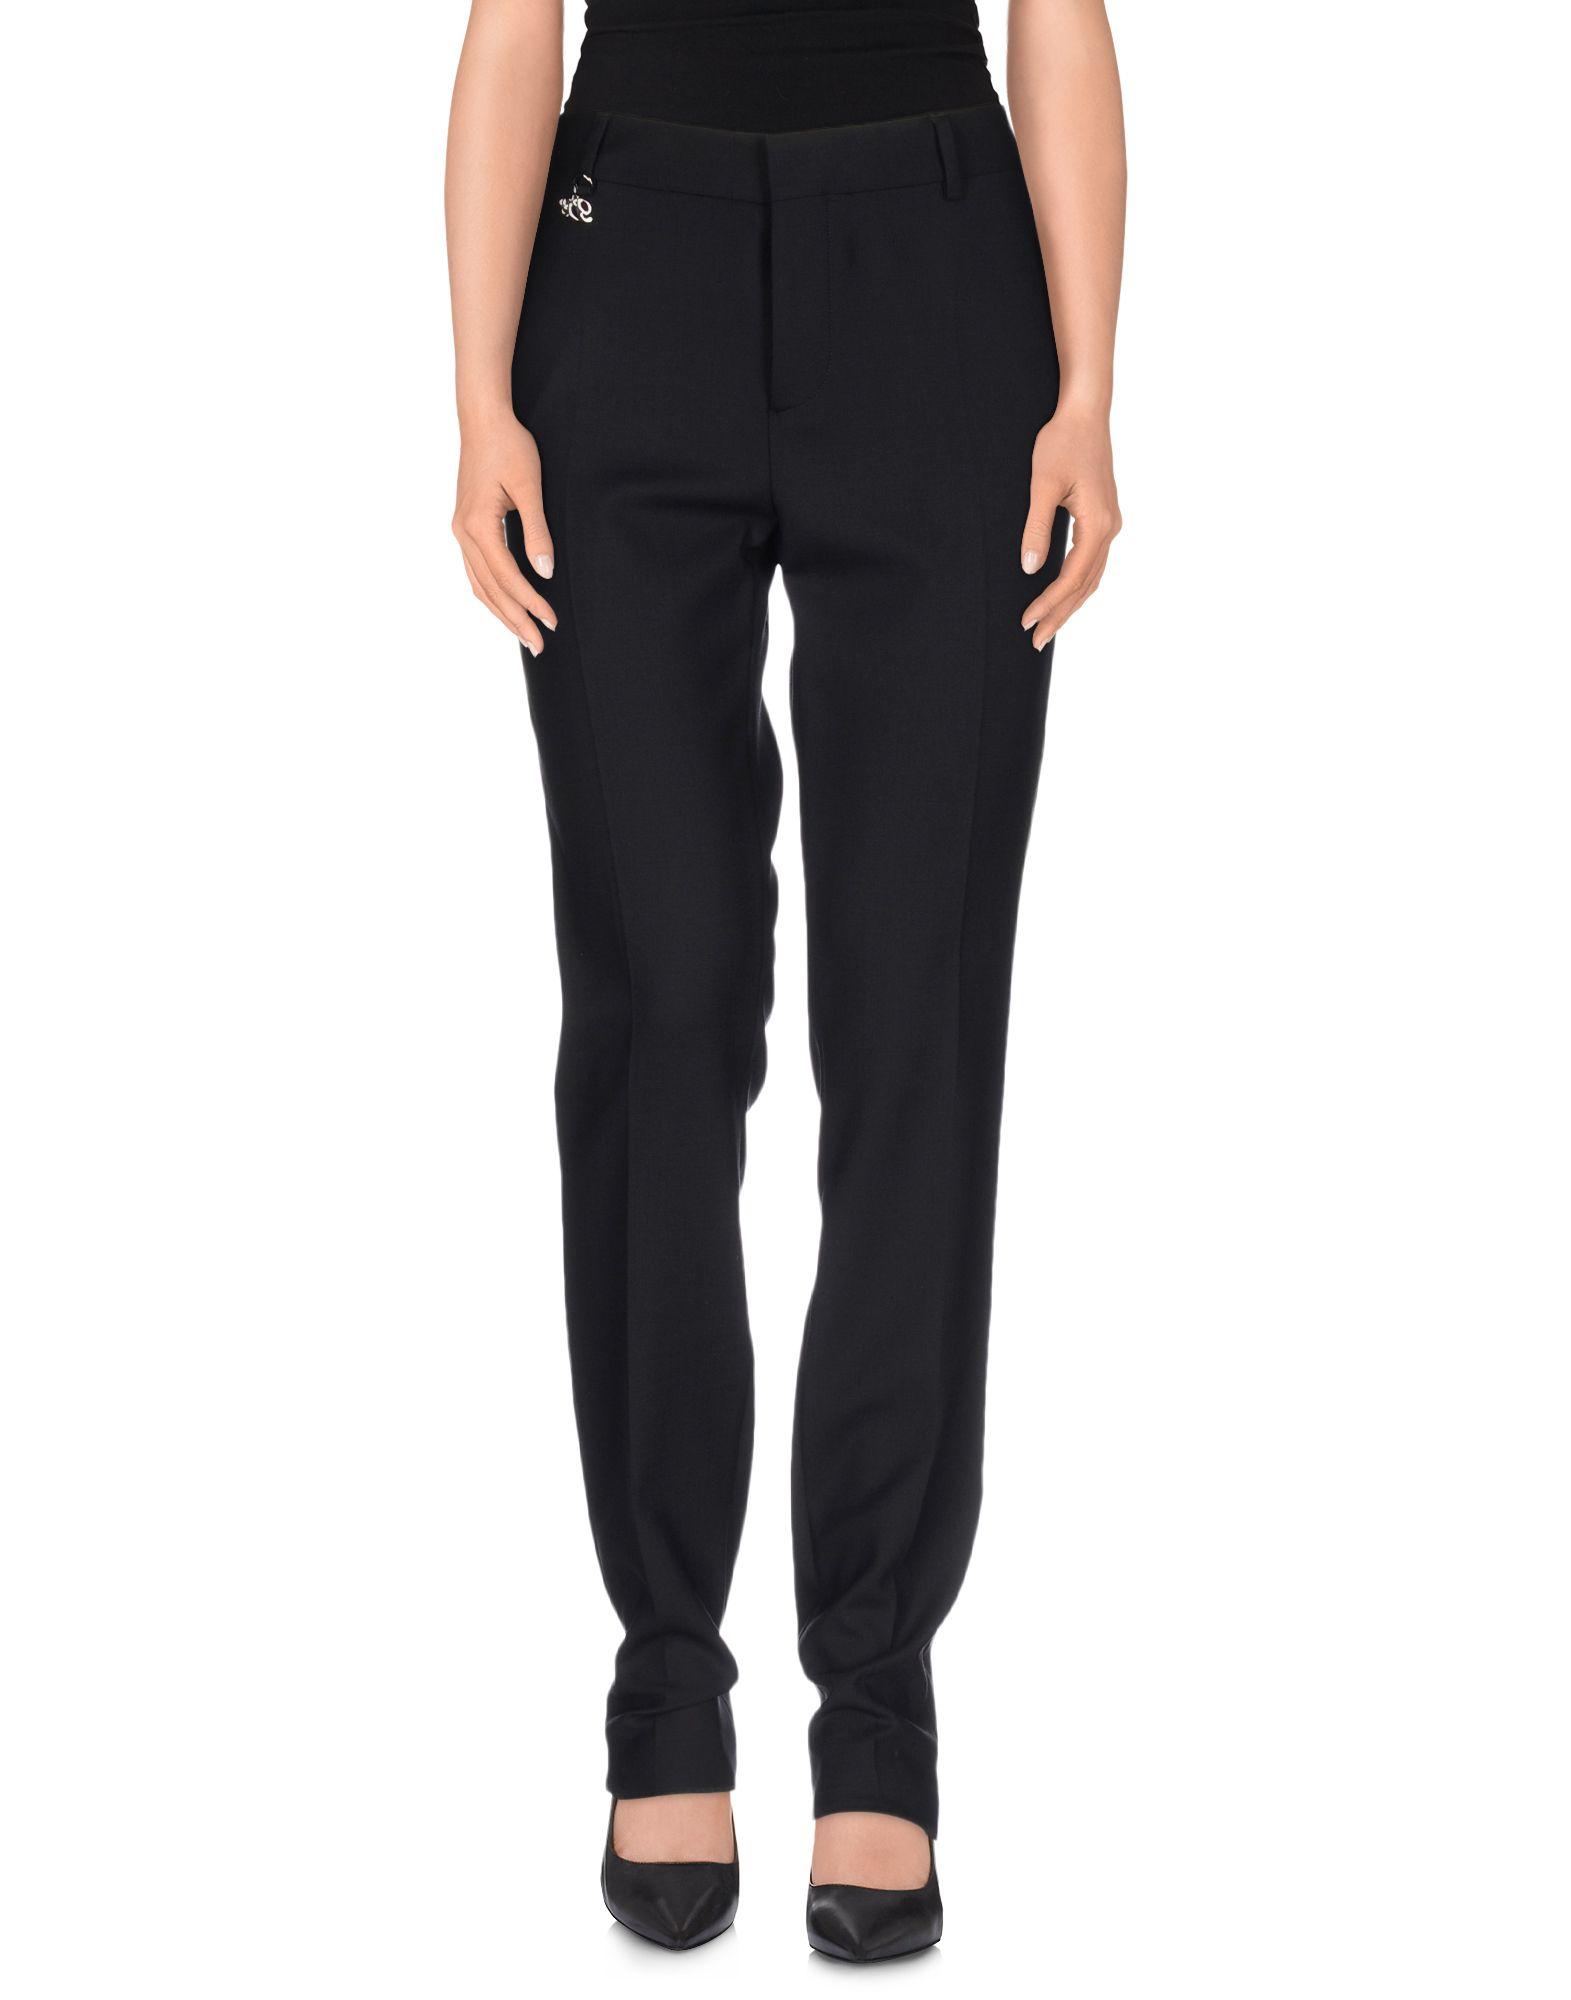 Pantalone Dsquared2 Donna - Acquista online su UyiLOpFny